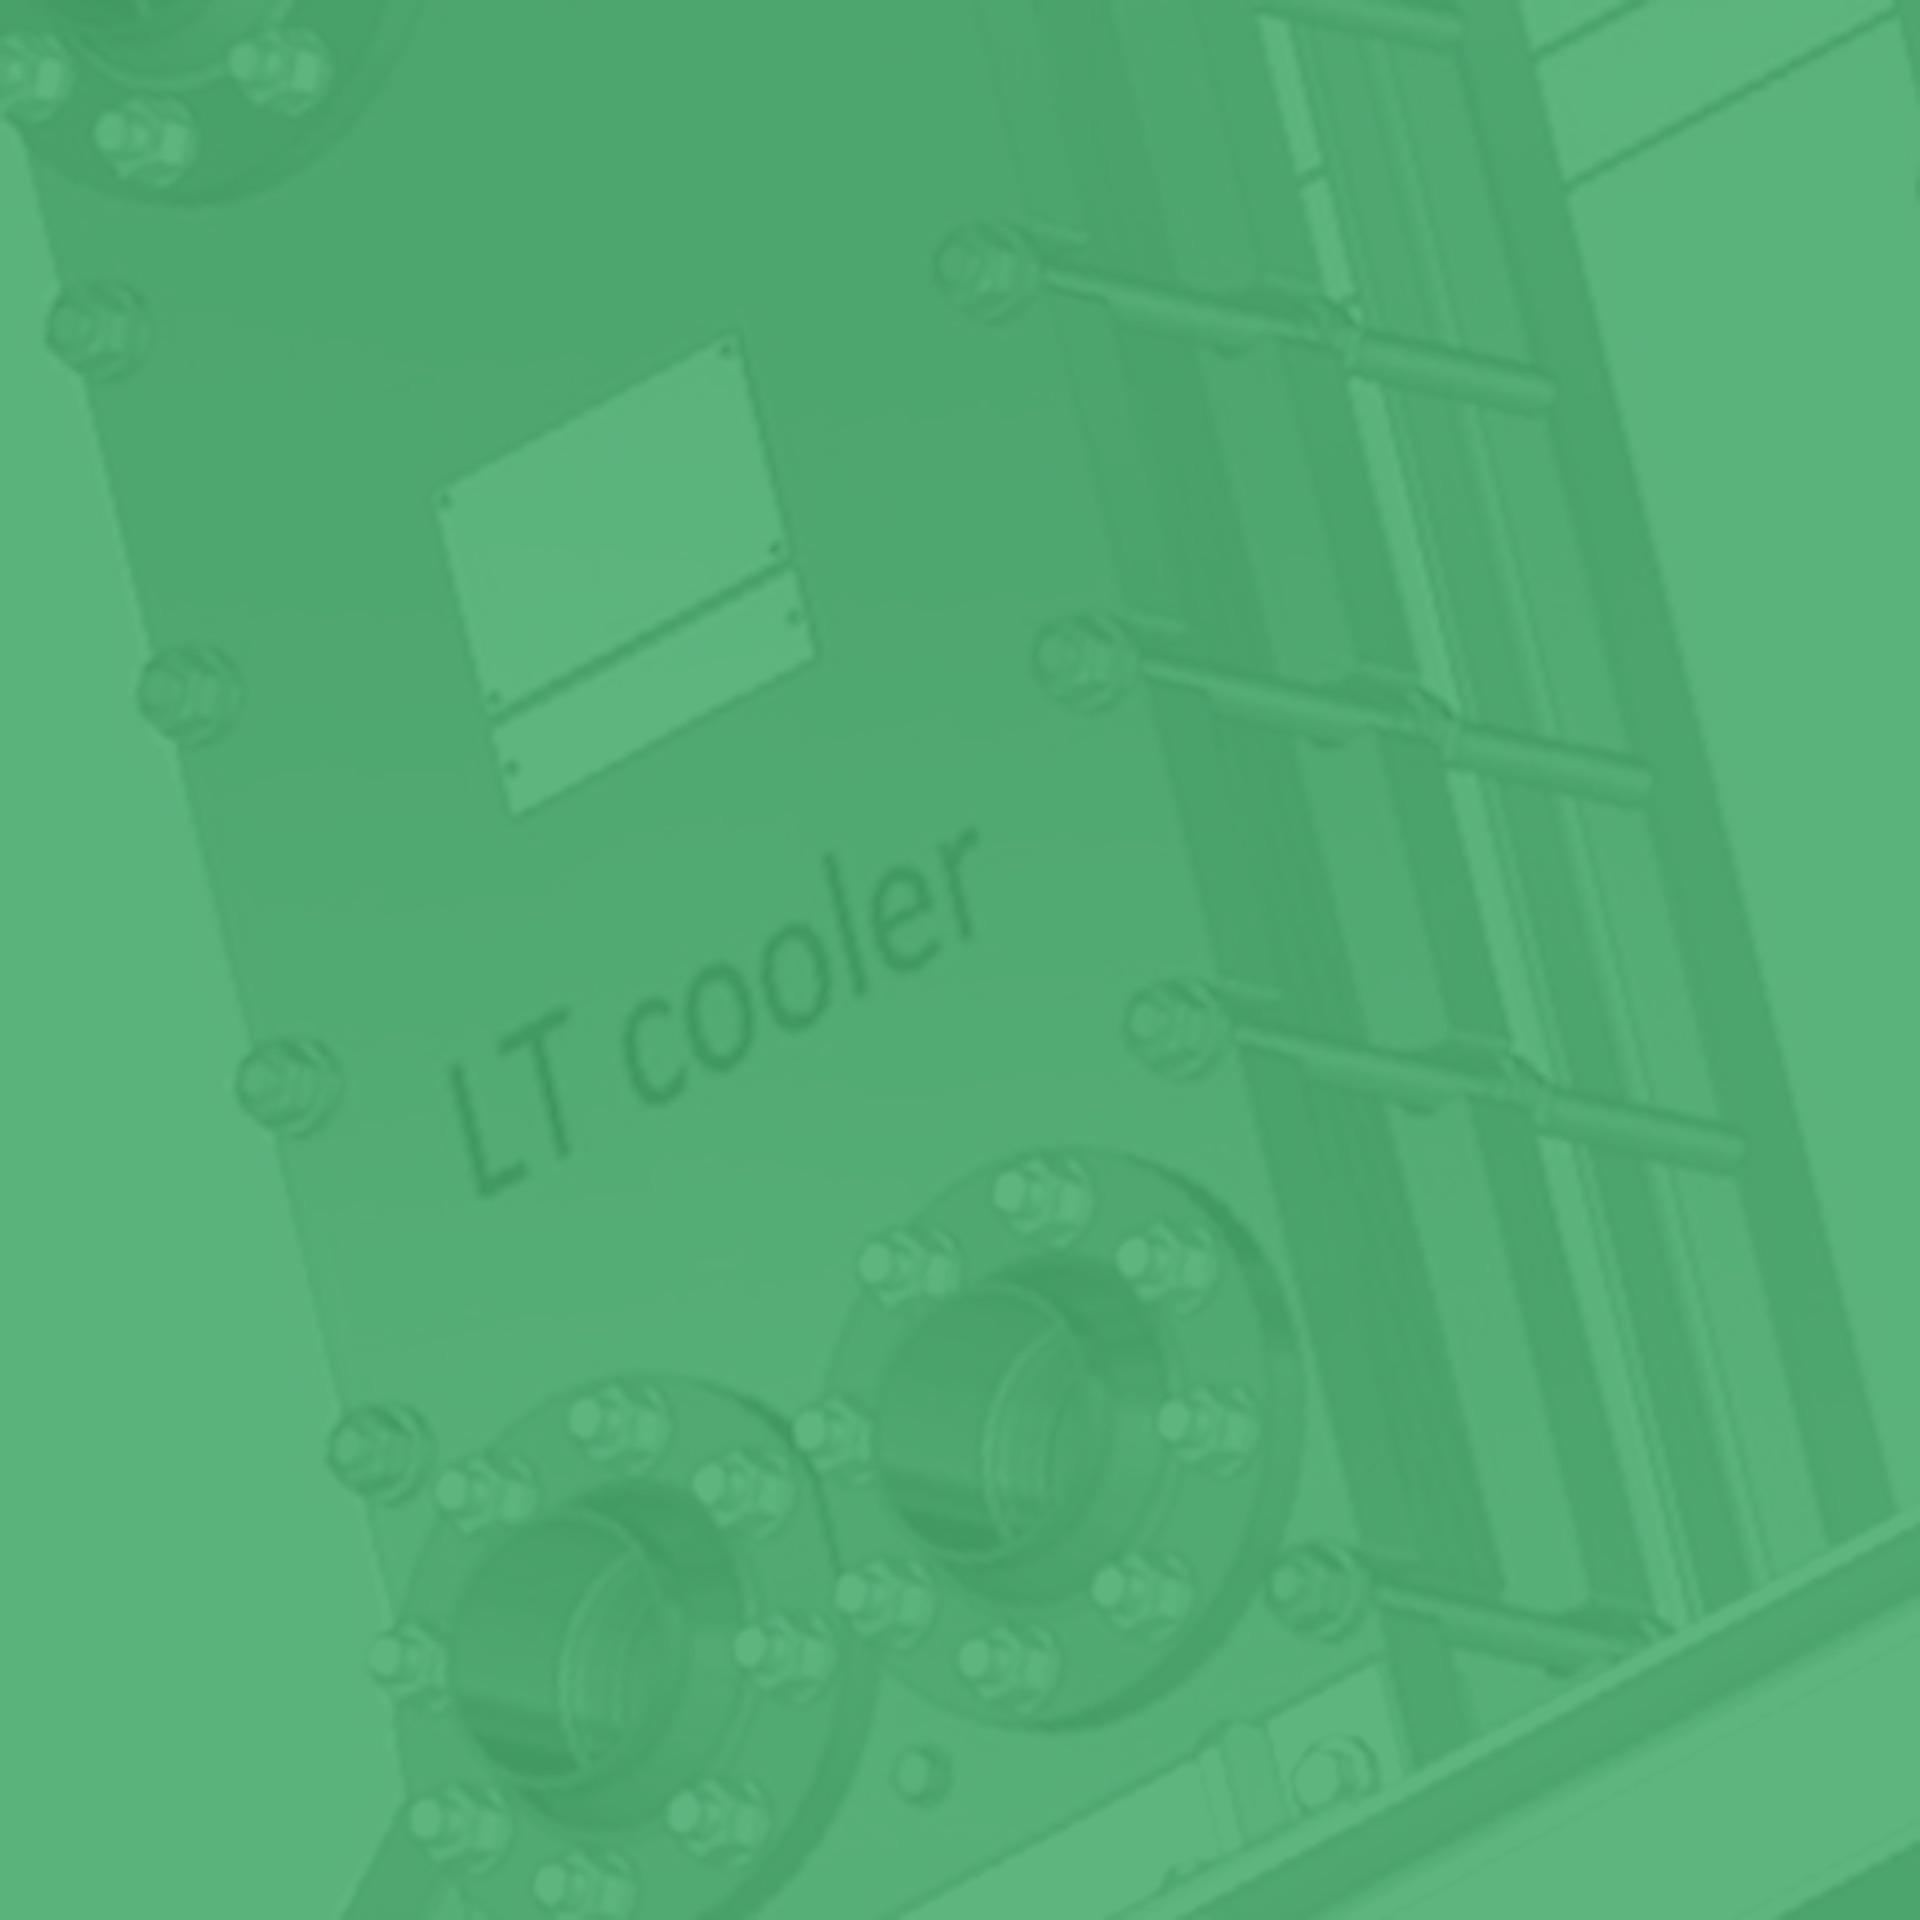 GWA_Waermeaustauscher_Plattenwaermeaustauscher_PWT_Wasser-_Wasserkuehler_zur_Dieselmotorenkuehlung_Gesellschaft_fuer_Waerme_und_Anlagentechnik_monochrom